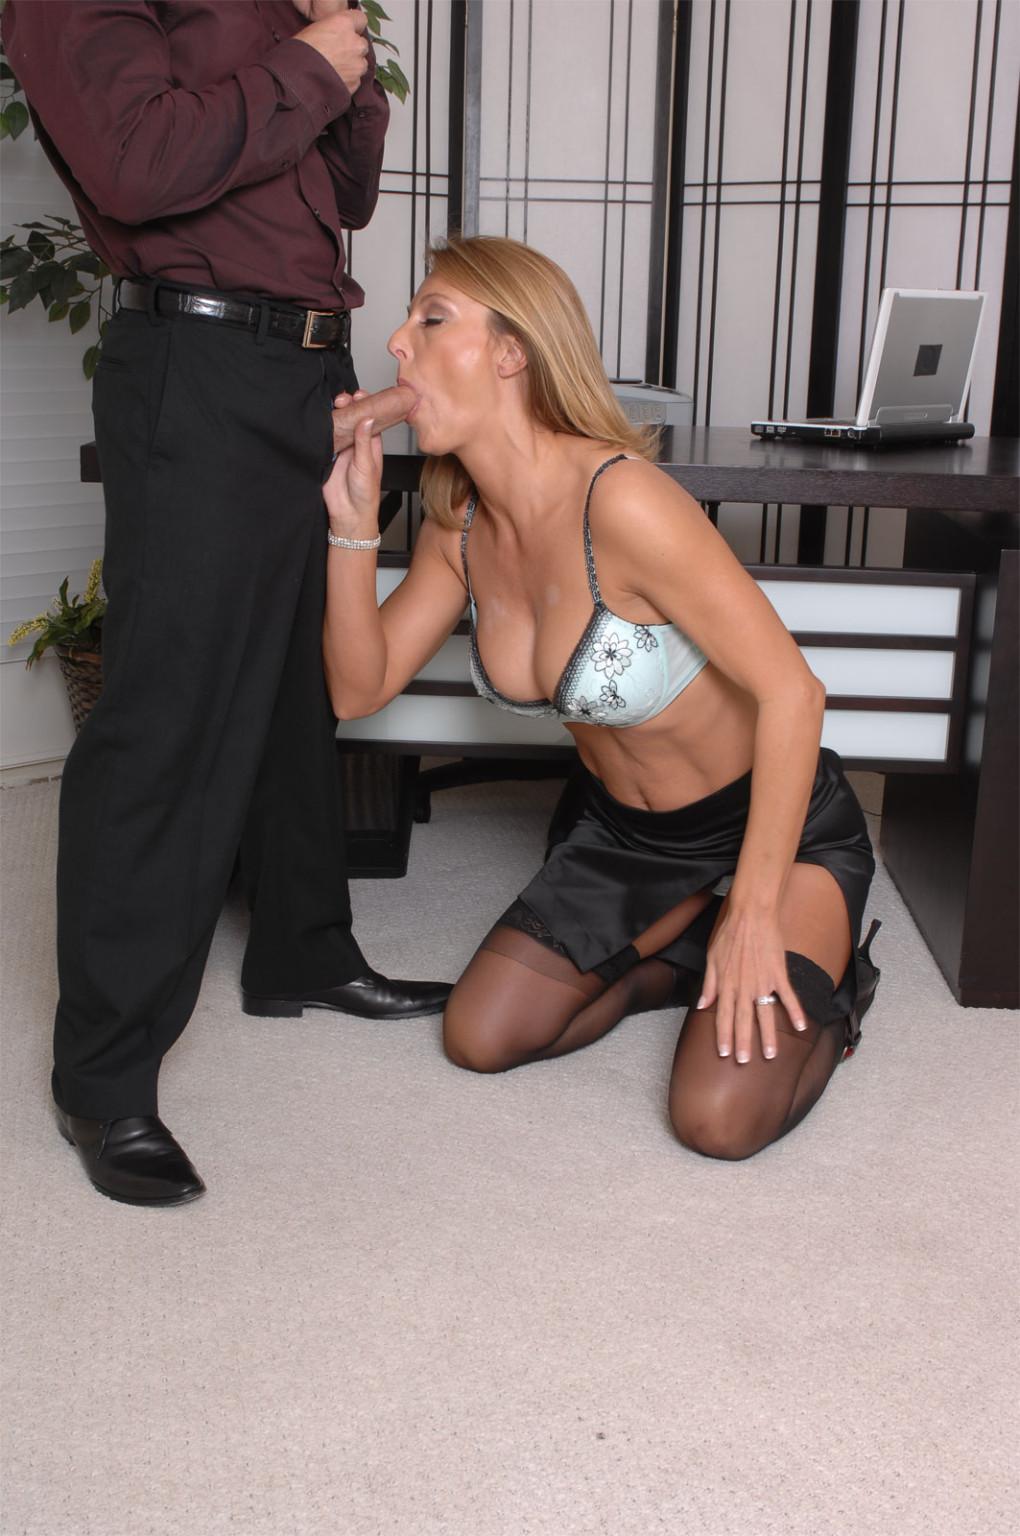 Брэнда Джеймс – зрелая секретарша, которая соблазняет молодого мужчину прямо на рабочем месте